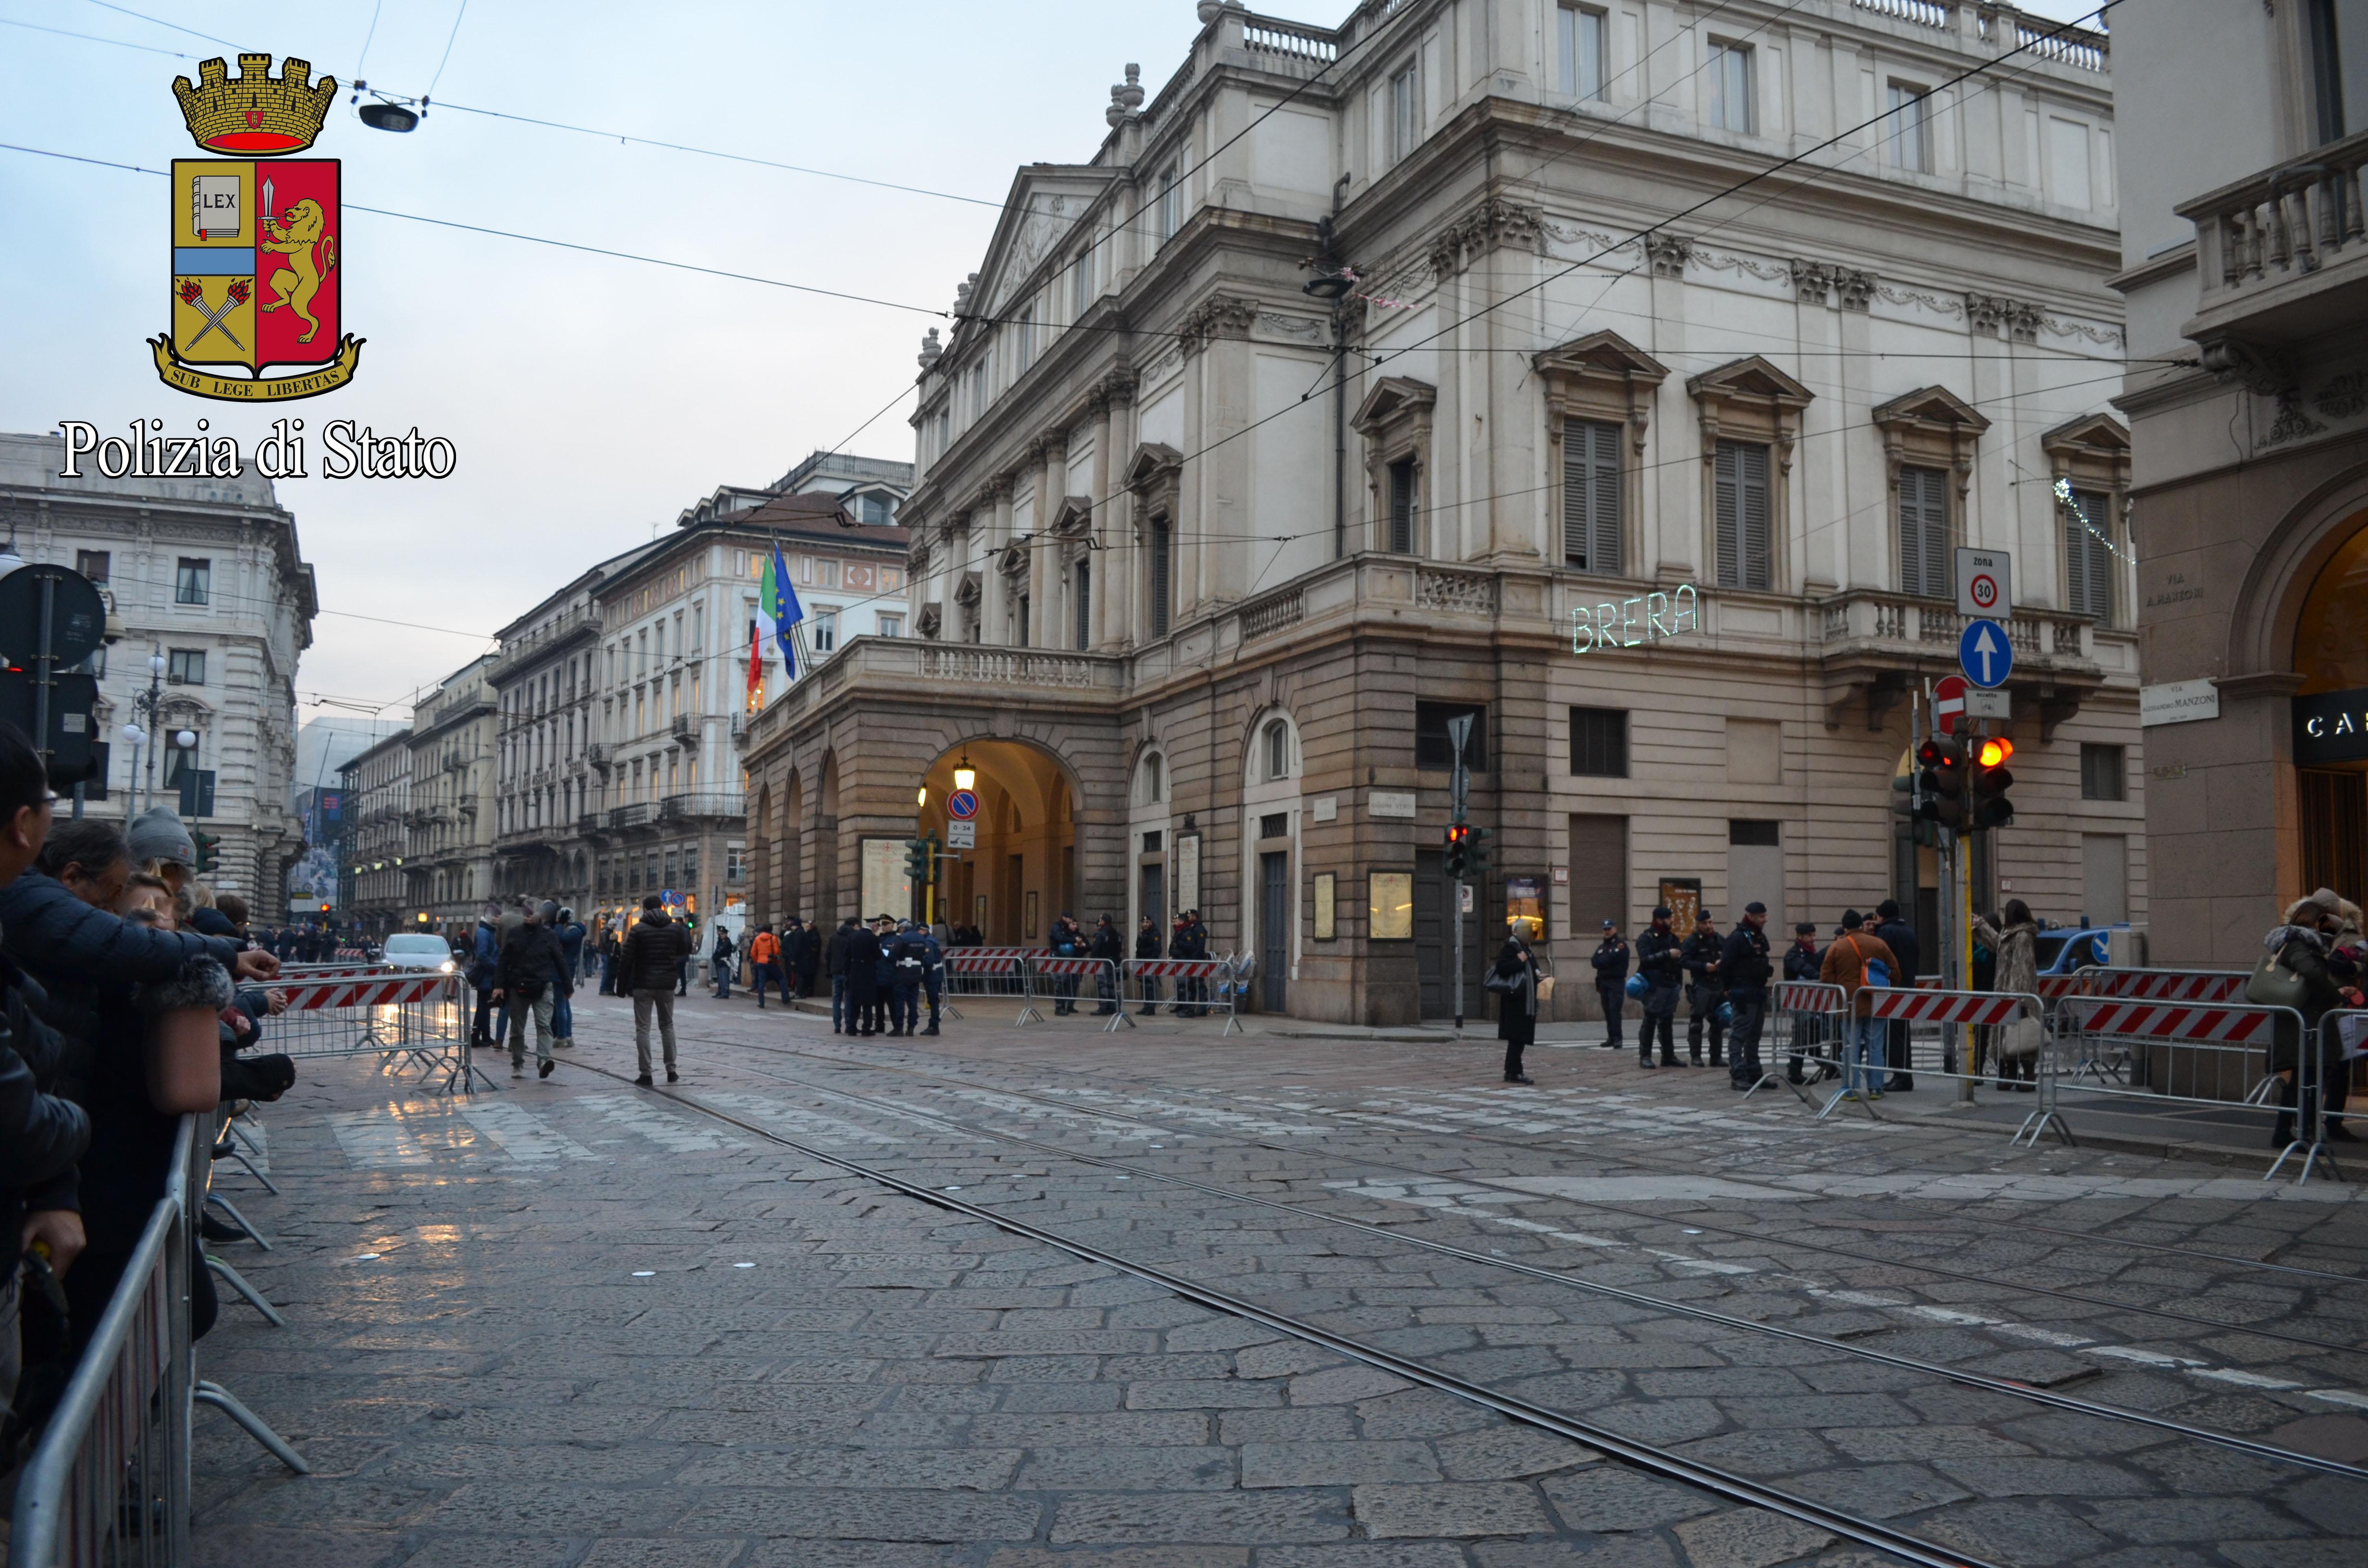 Polizia di stato questure sul web milano for Stato di polizia permesso di soggiorno